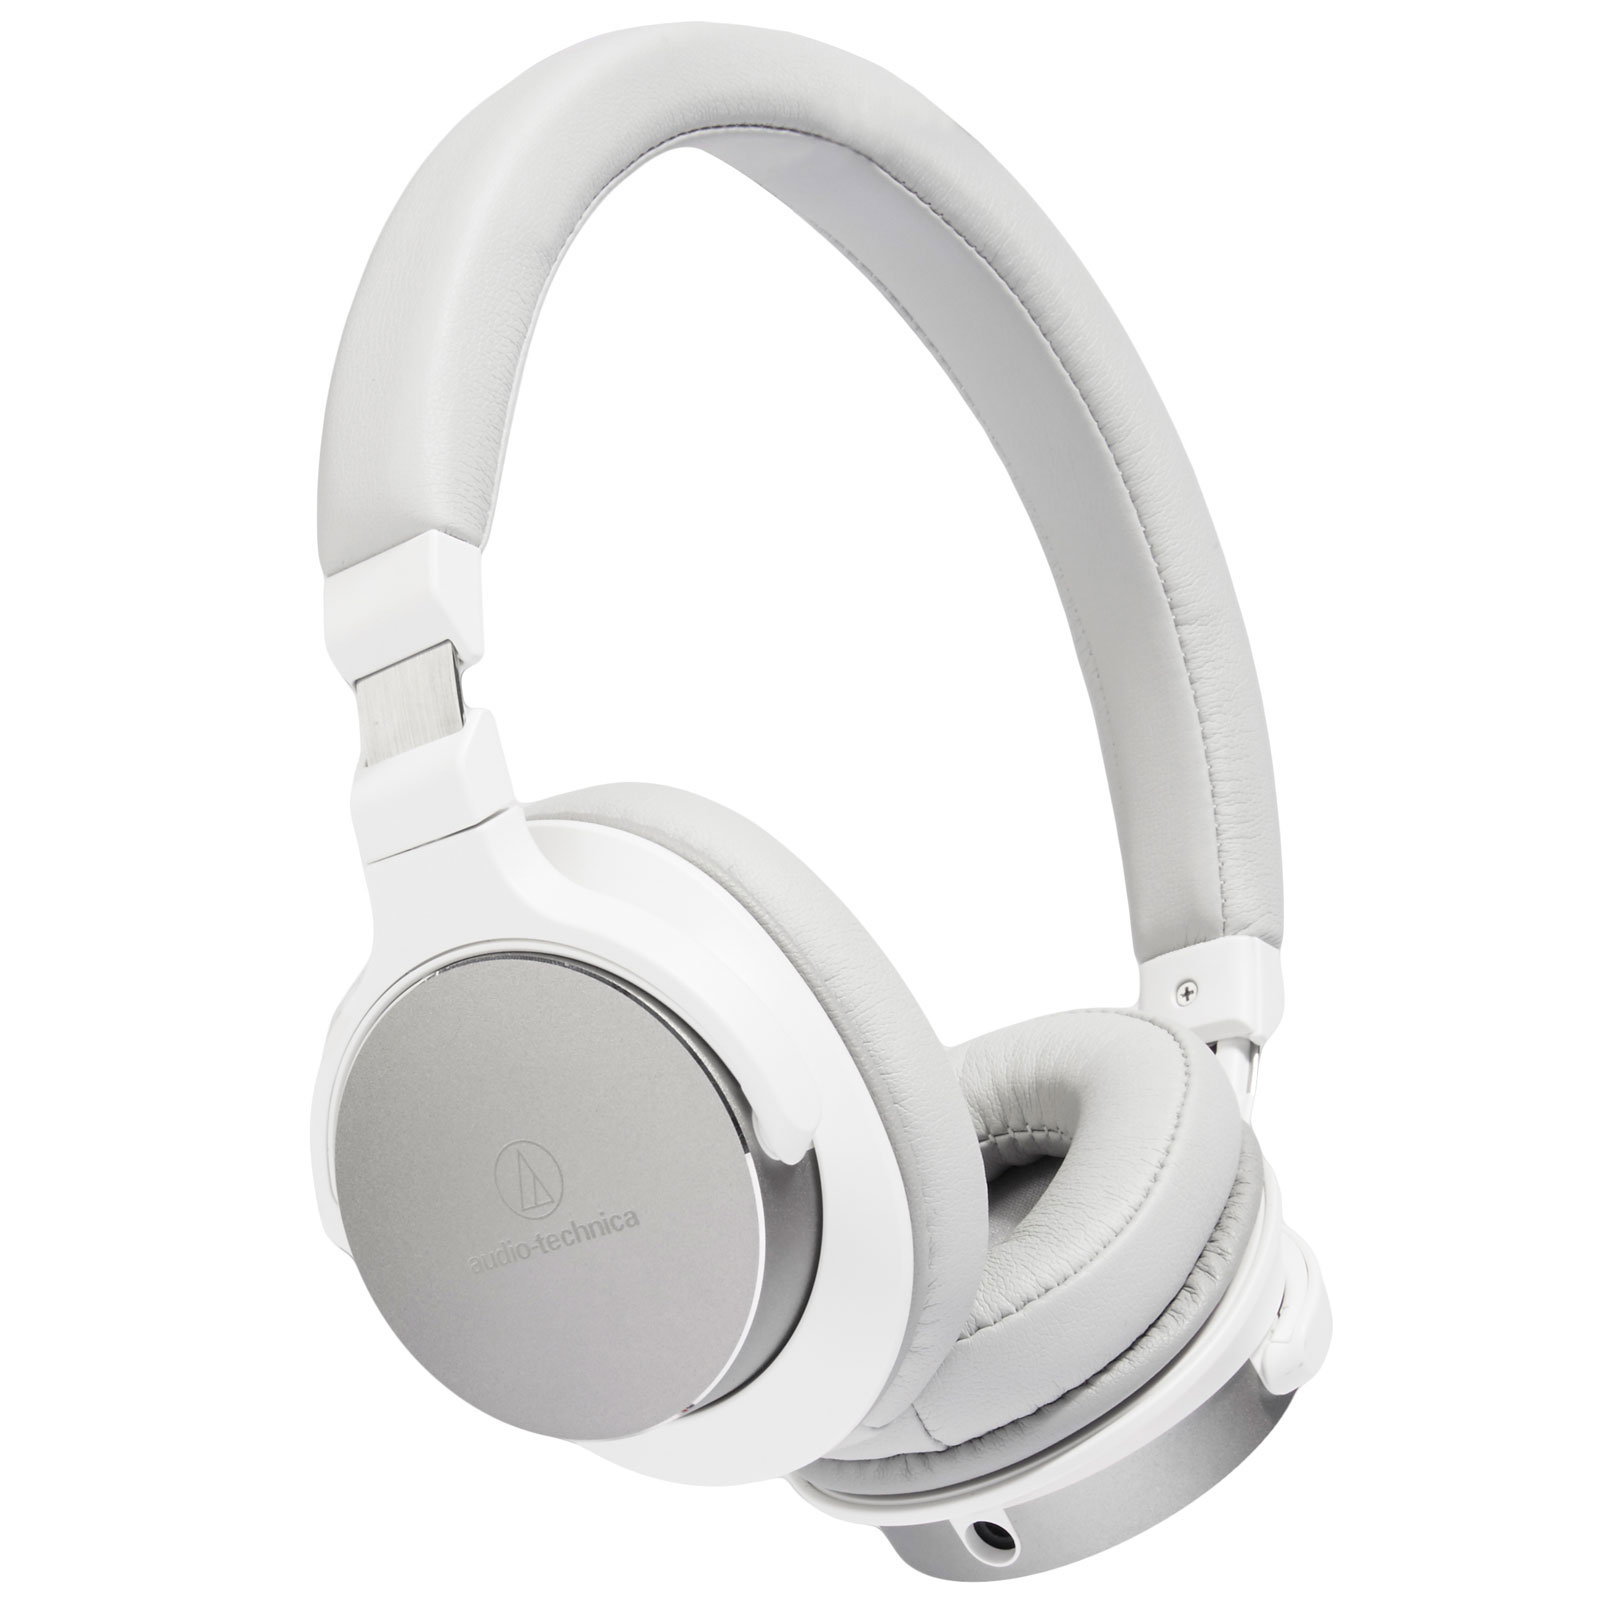 audio technica ath sr5 blanc casque audio technica sur ldlc com